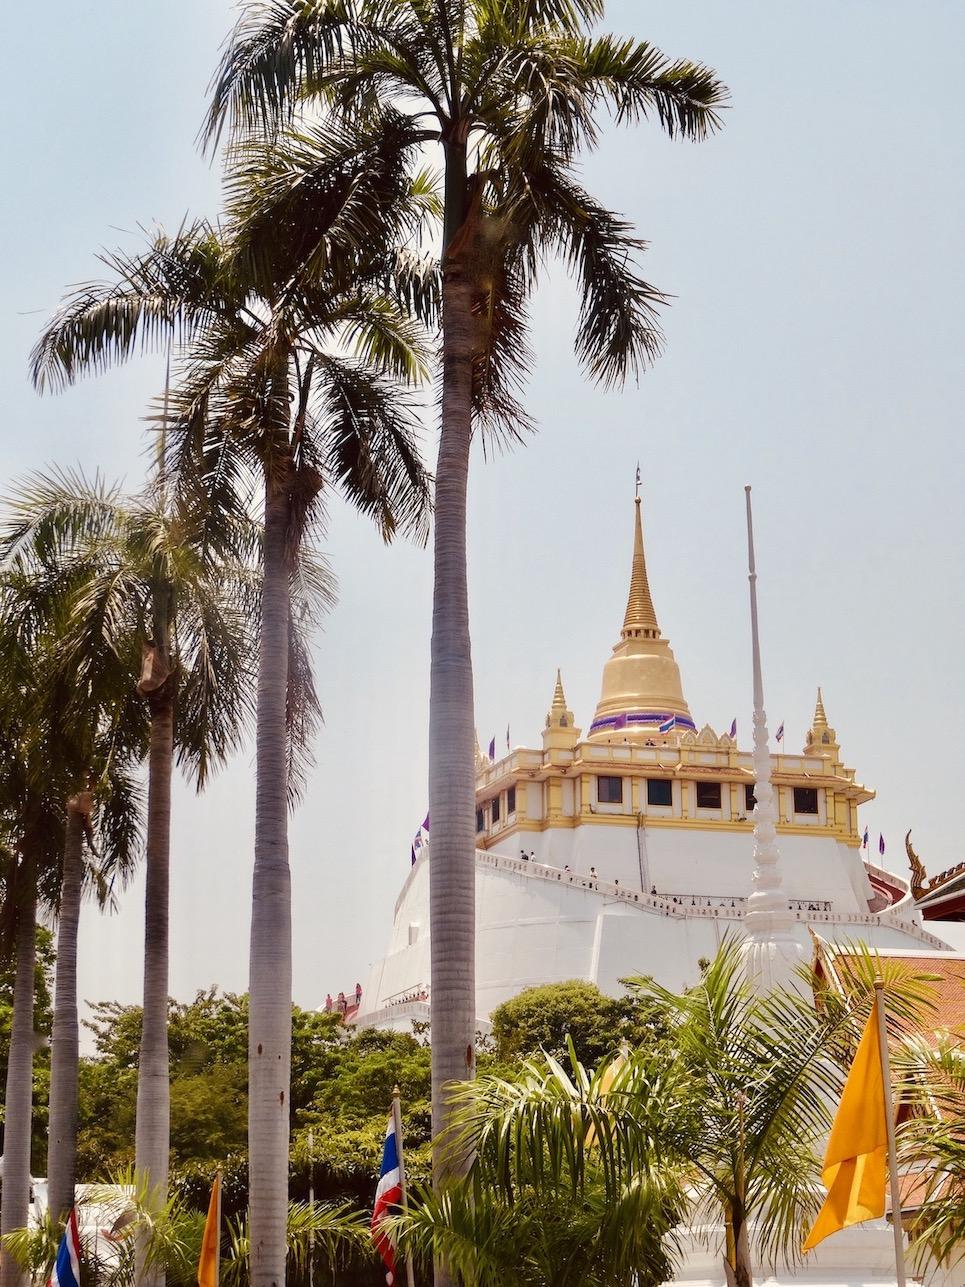 Temple of the Golden Mount Wat Saket